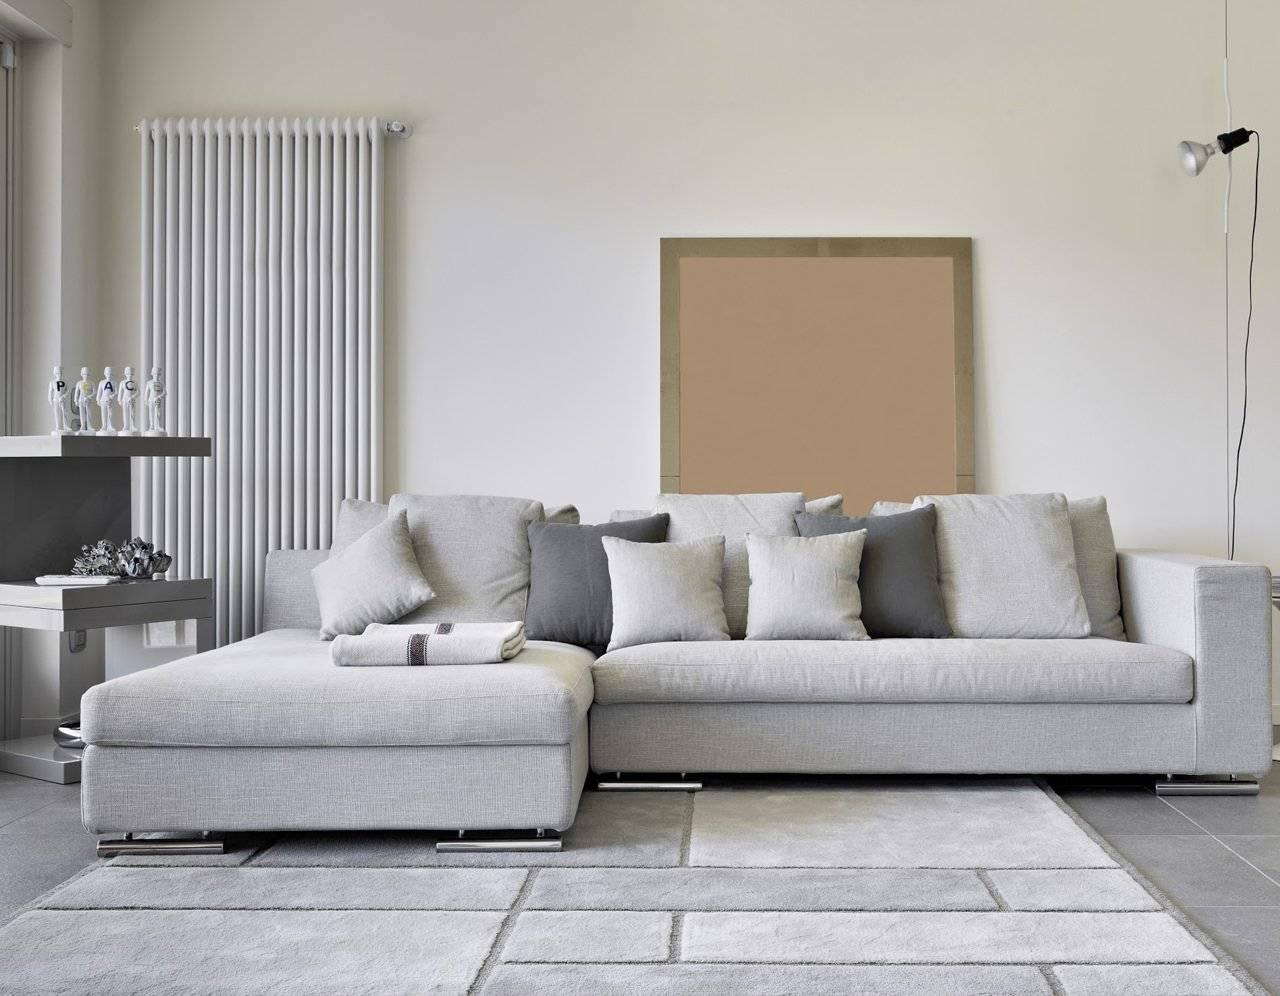 Диваны 2019 года - 115 фото лучших дизайнерских решений из каталога мягкой мебели